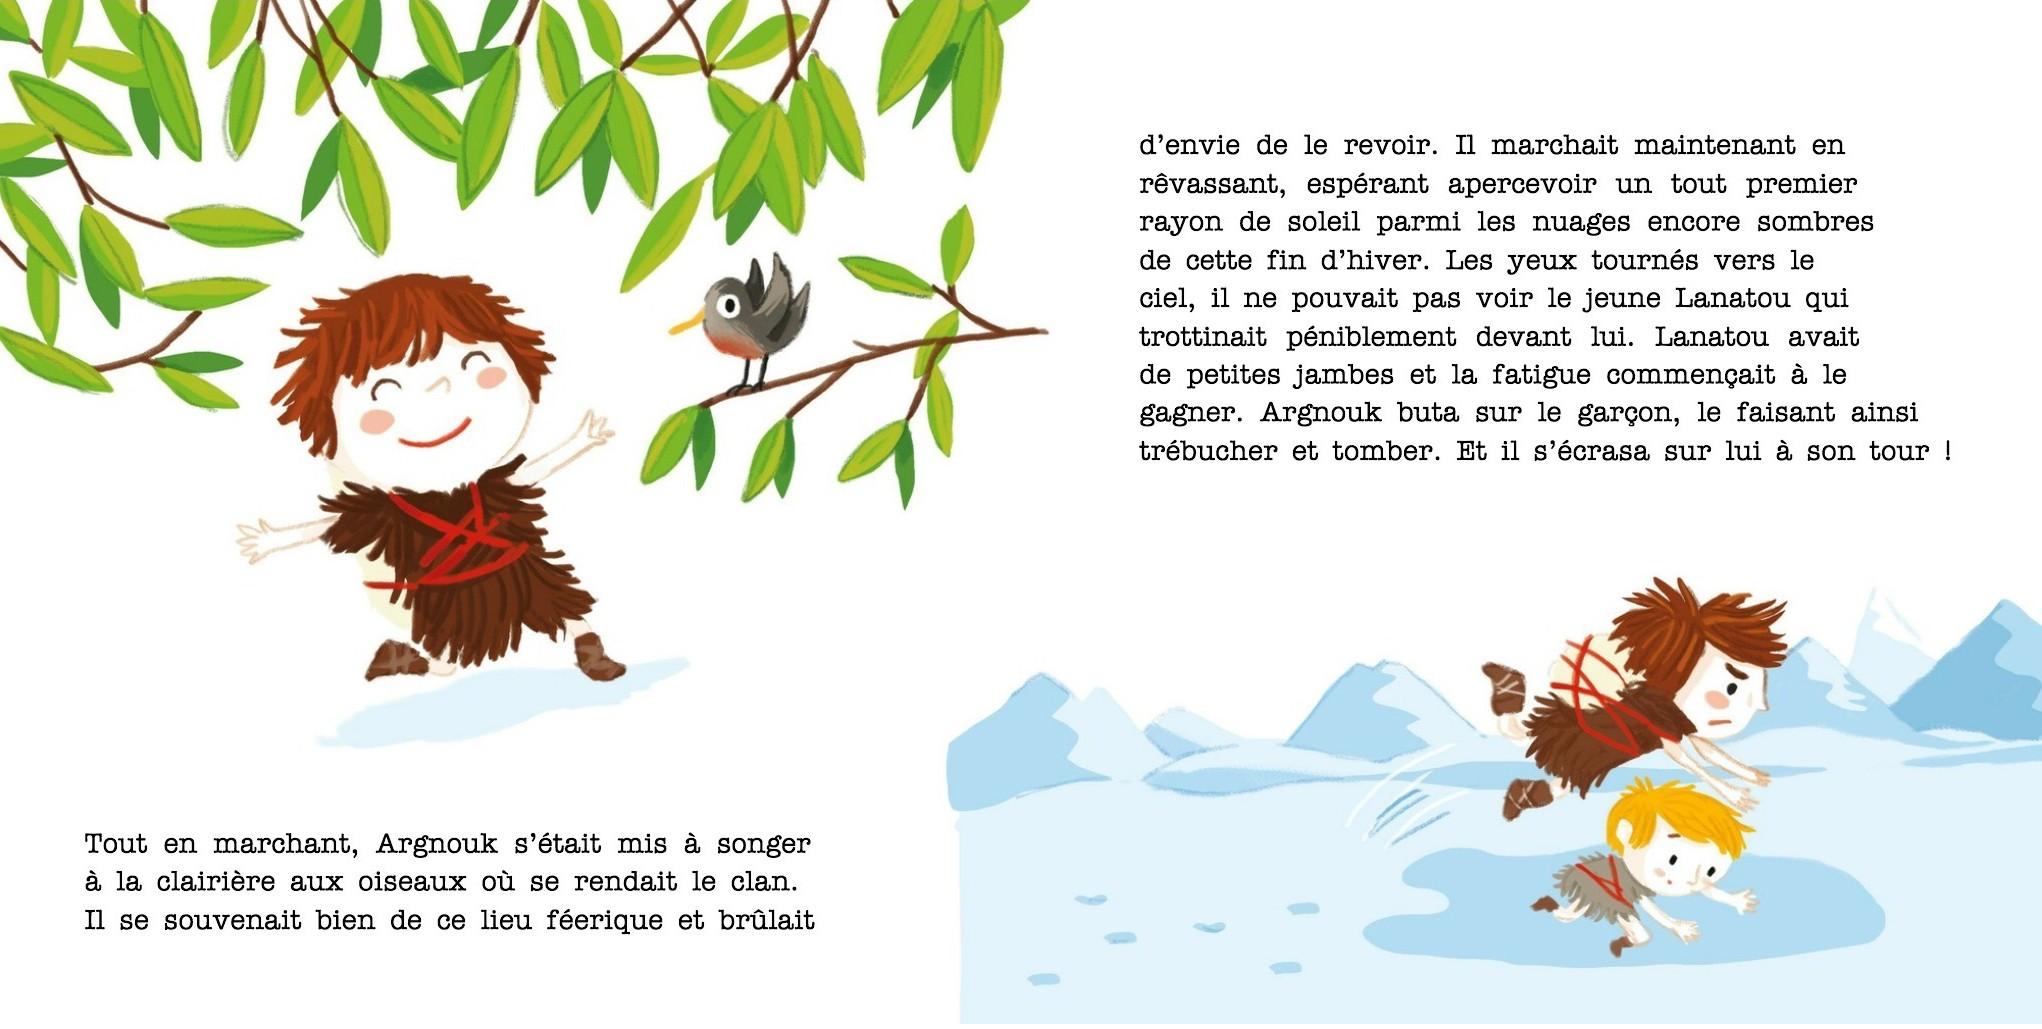 Argnouk se bagarre : L'agressivité